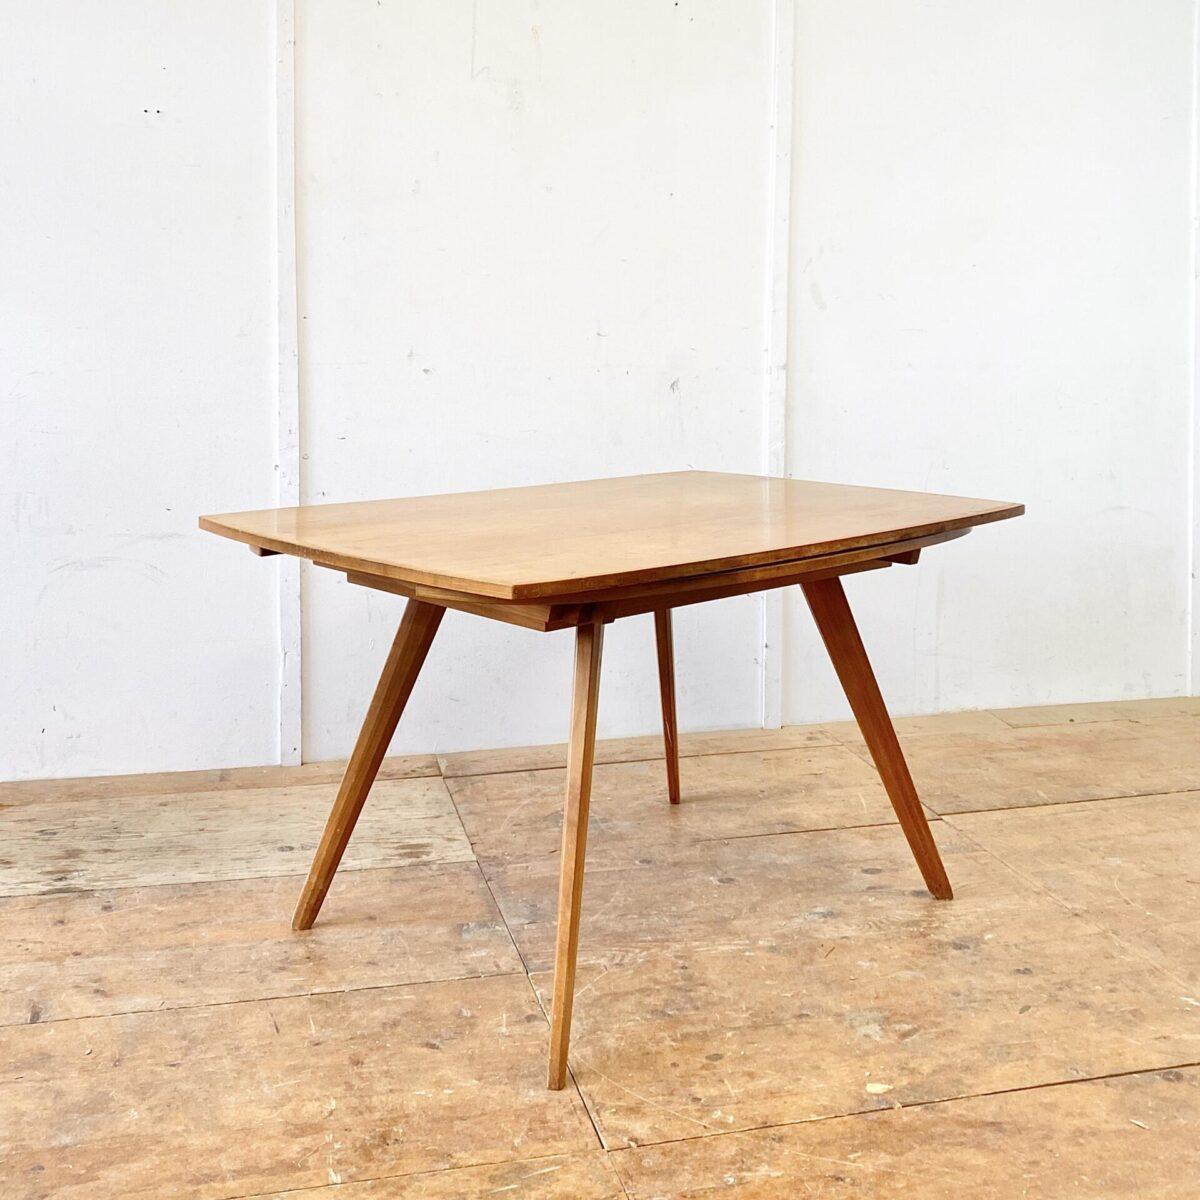 Deuxieme.shop swissdesign. Jacob Müller Zwei-Form-Tisch aus den 50er Jahren. 130x88cm Höhe 72cm. Mit den zwei Auszügen ist der Tisch Quadratisch 130x130cm. Tischblatt furniert, die konischen Tischbeine sind aus Vollholz. Der Tisch ist Originalem Zustand, alles stabil und funktionstüchtig, der Lack ist teilweise etwas abgewetzt.